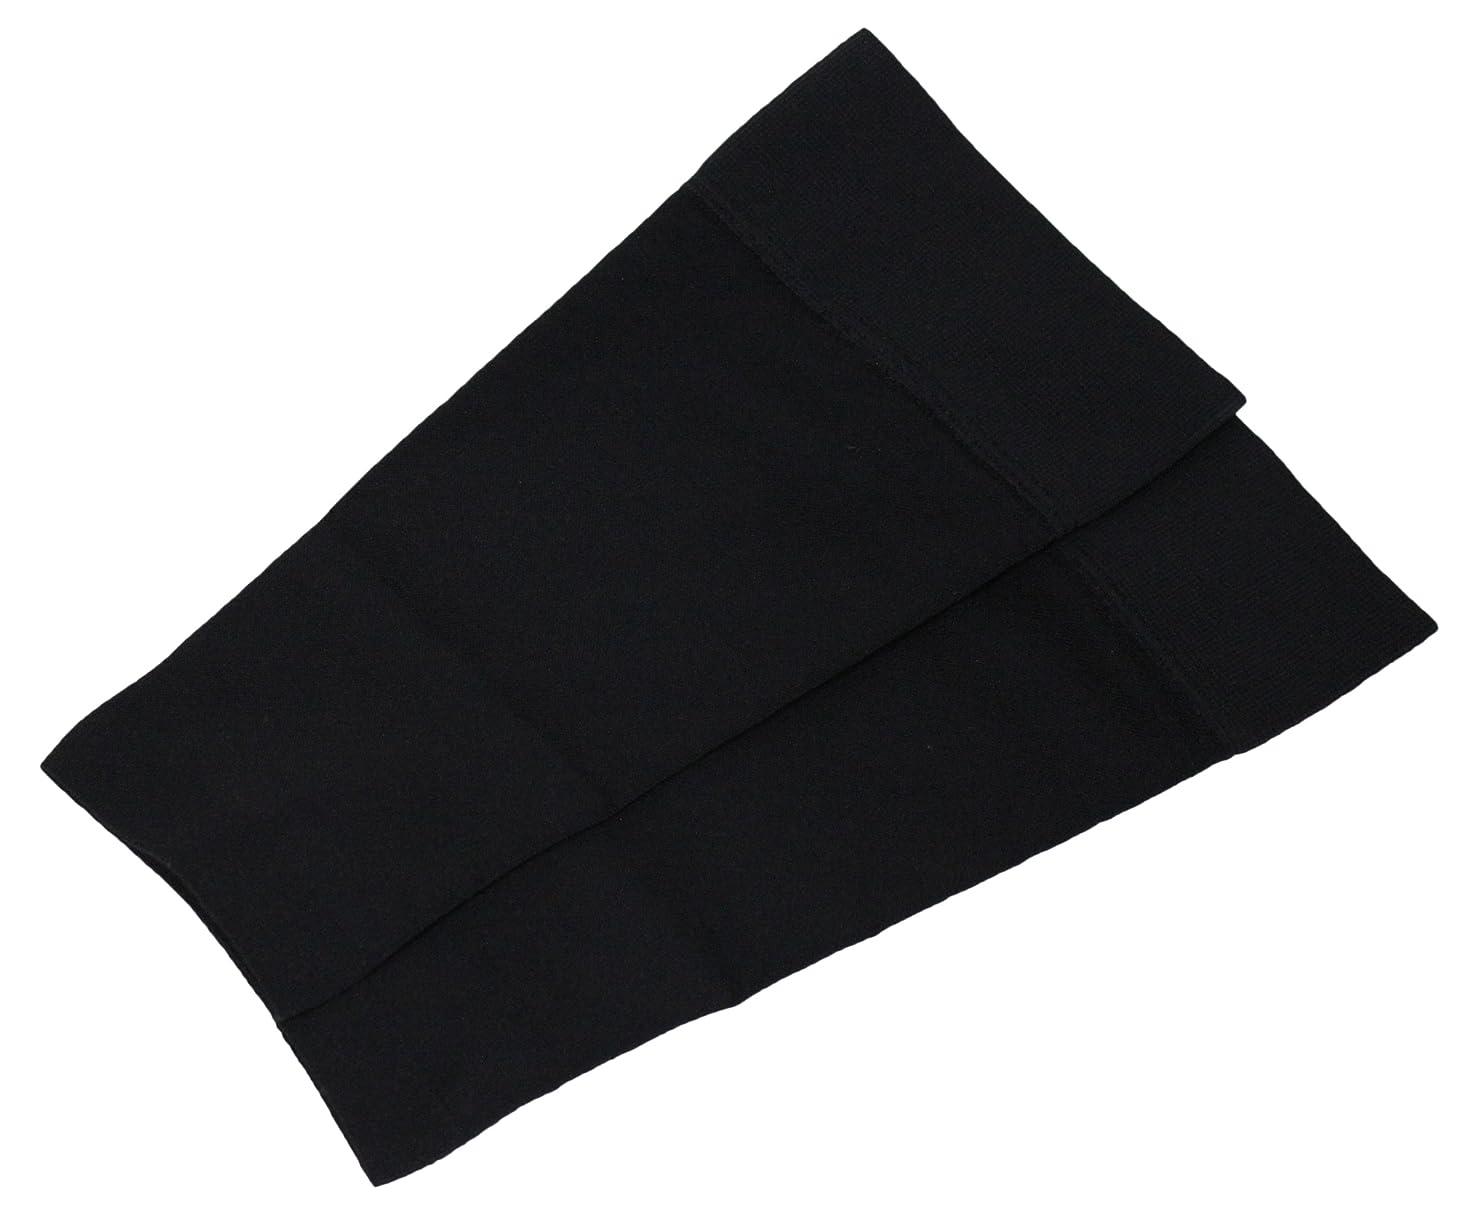 ギロファ?ふくらはぎサポーター?メモリー02 ブラック Sサイズ